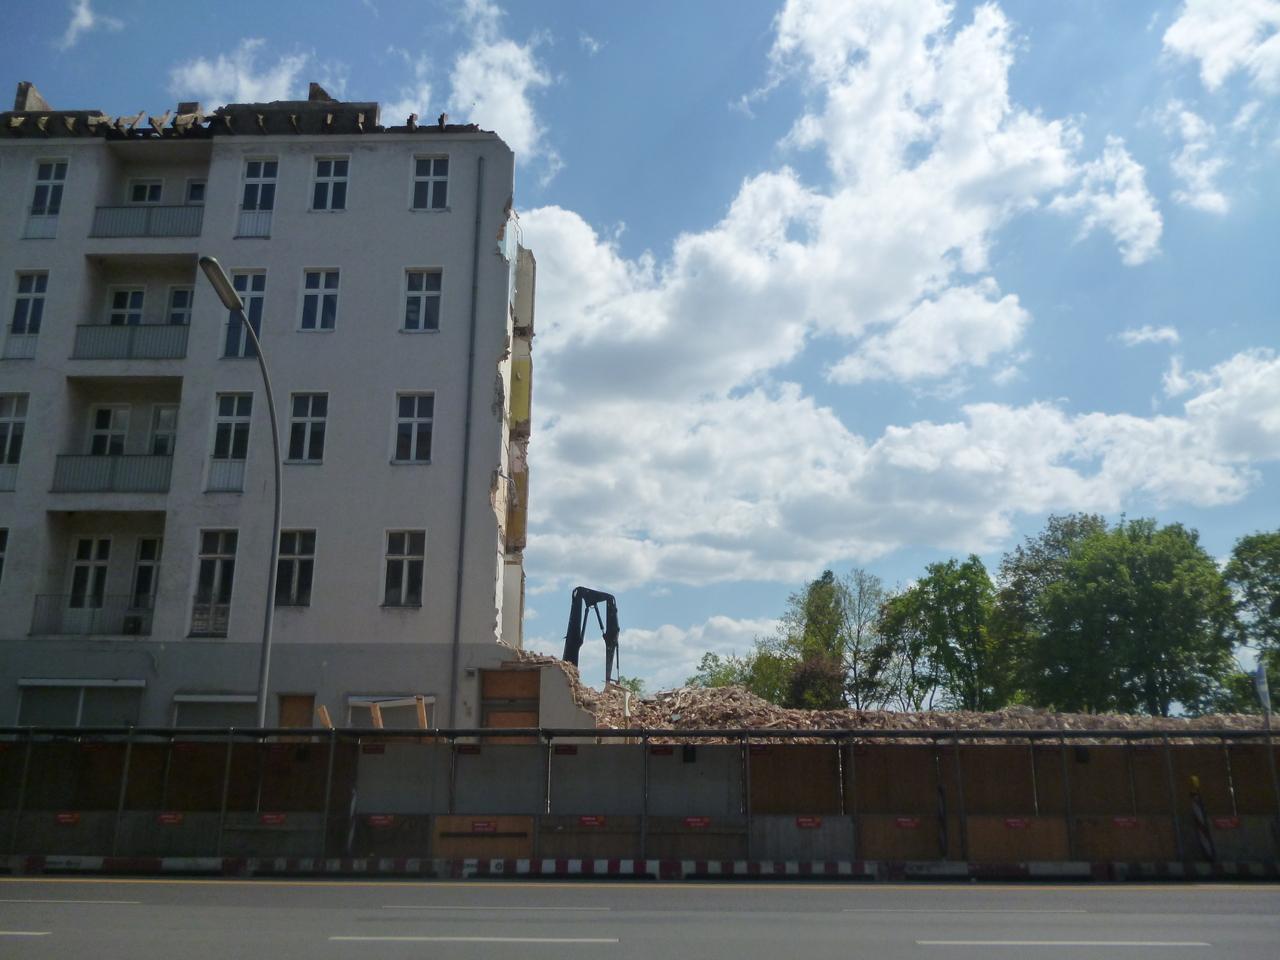 fennstrasse35-abrissuzuly.jpg